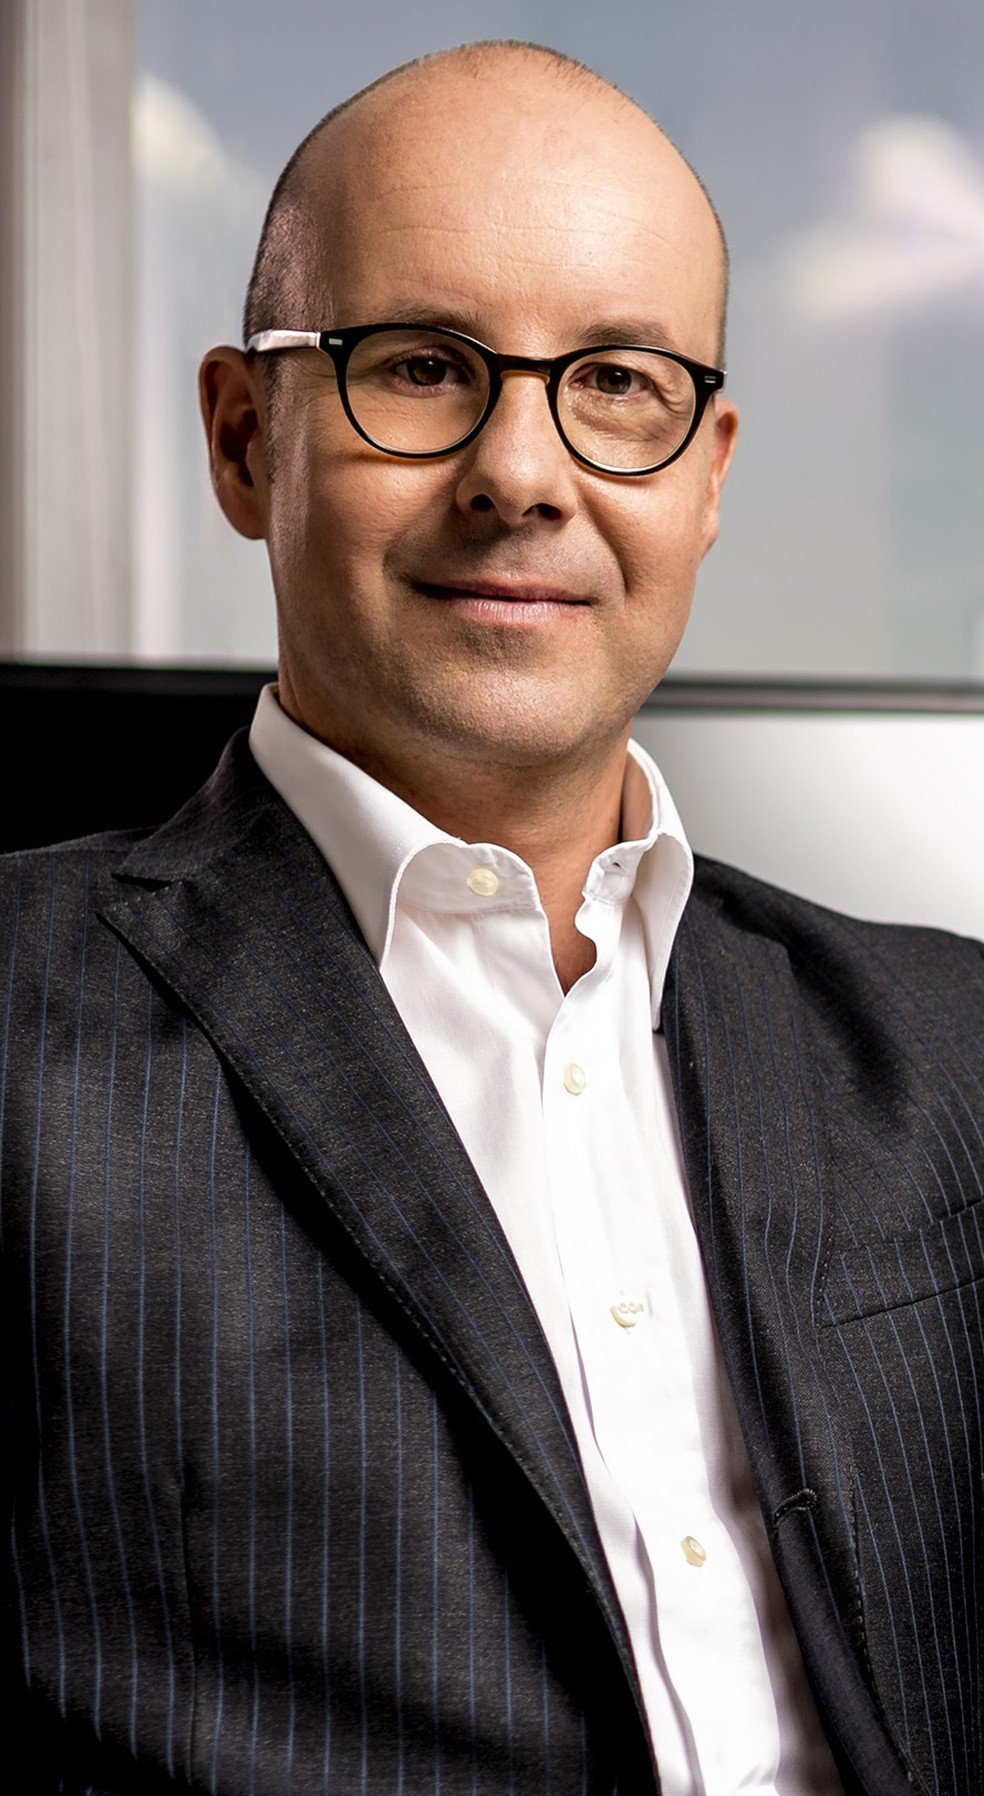 Christian Konrad, diretor da Bvlgari para a América Latina: esforço para conhecer melhor o consumidor — Foto: Divulgação